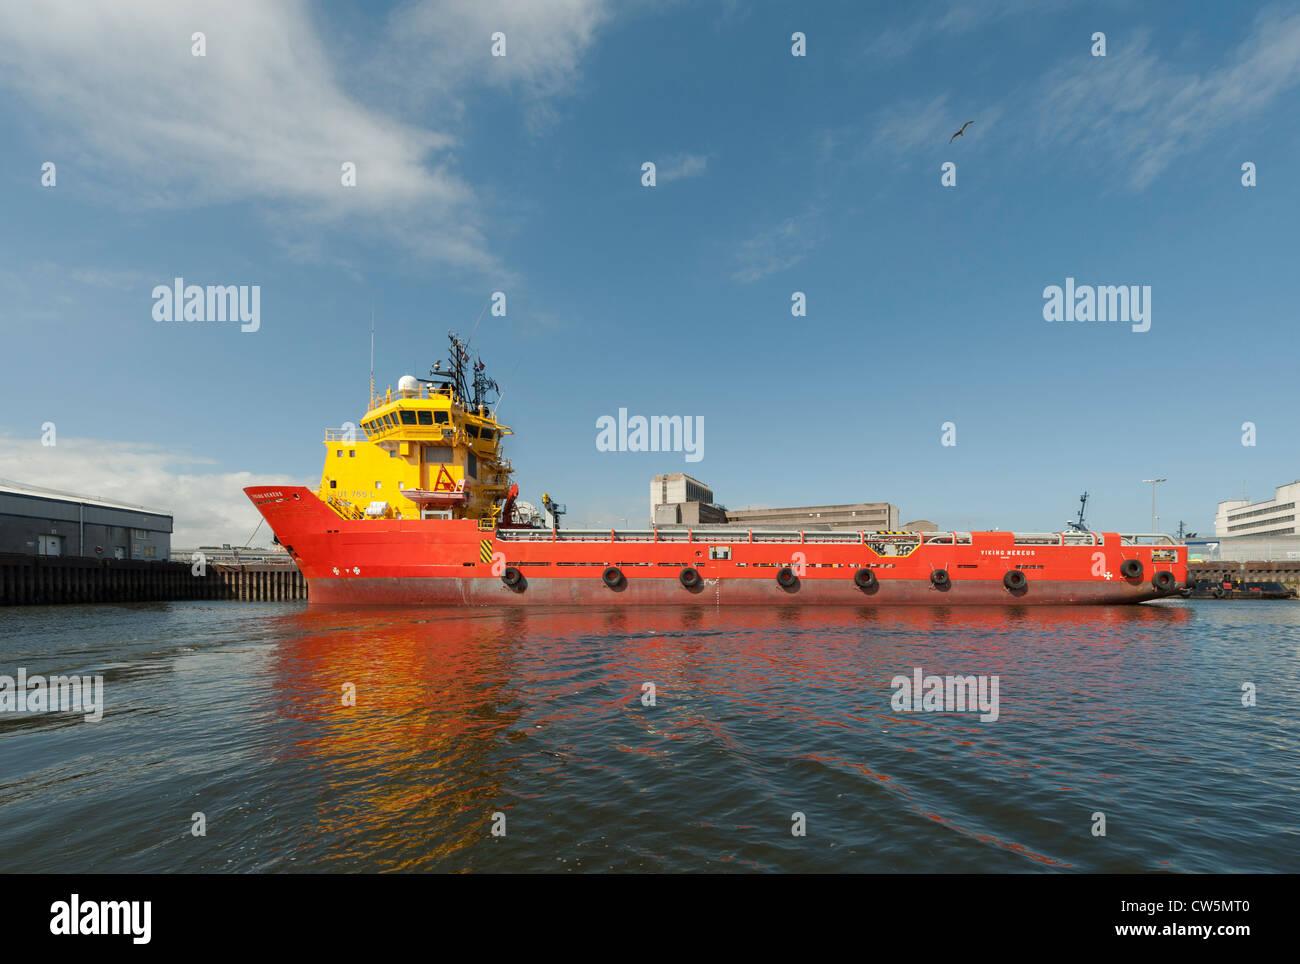 Le Viking Hereus un navire de soutien offshore à Aberdeen Harbour Photo Stock